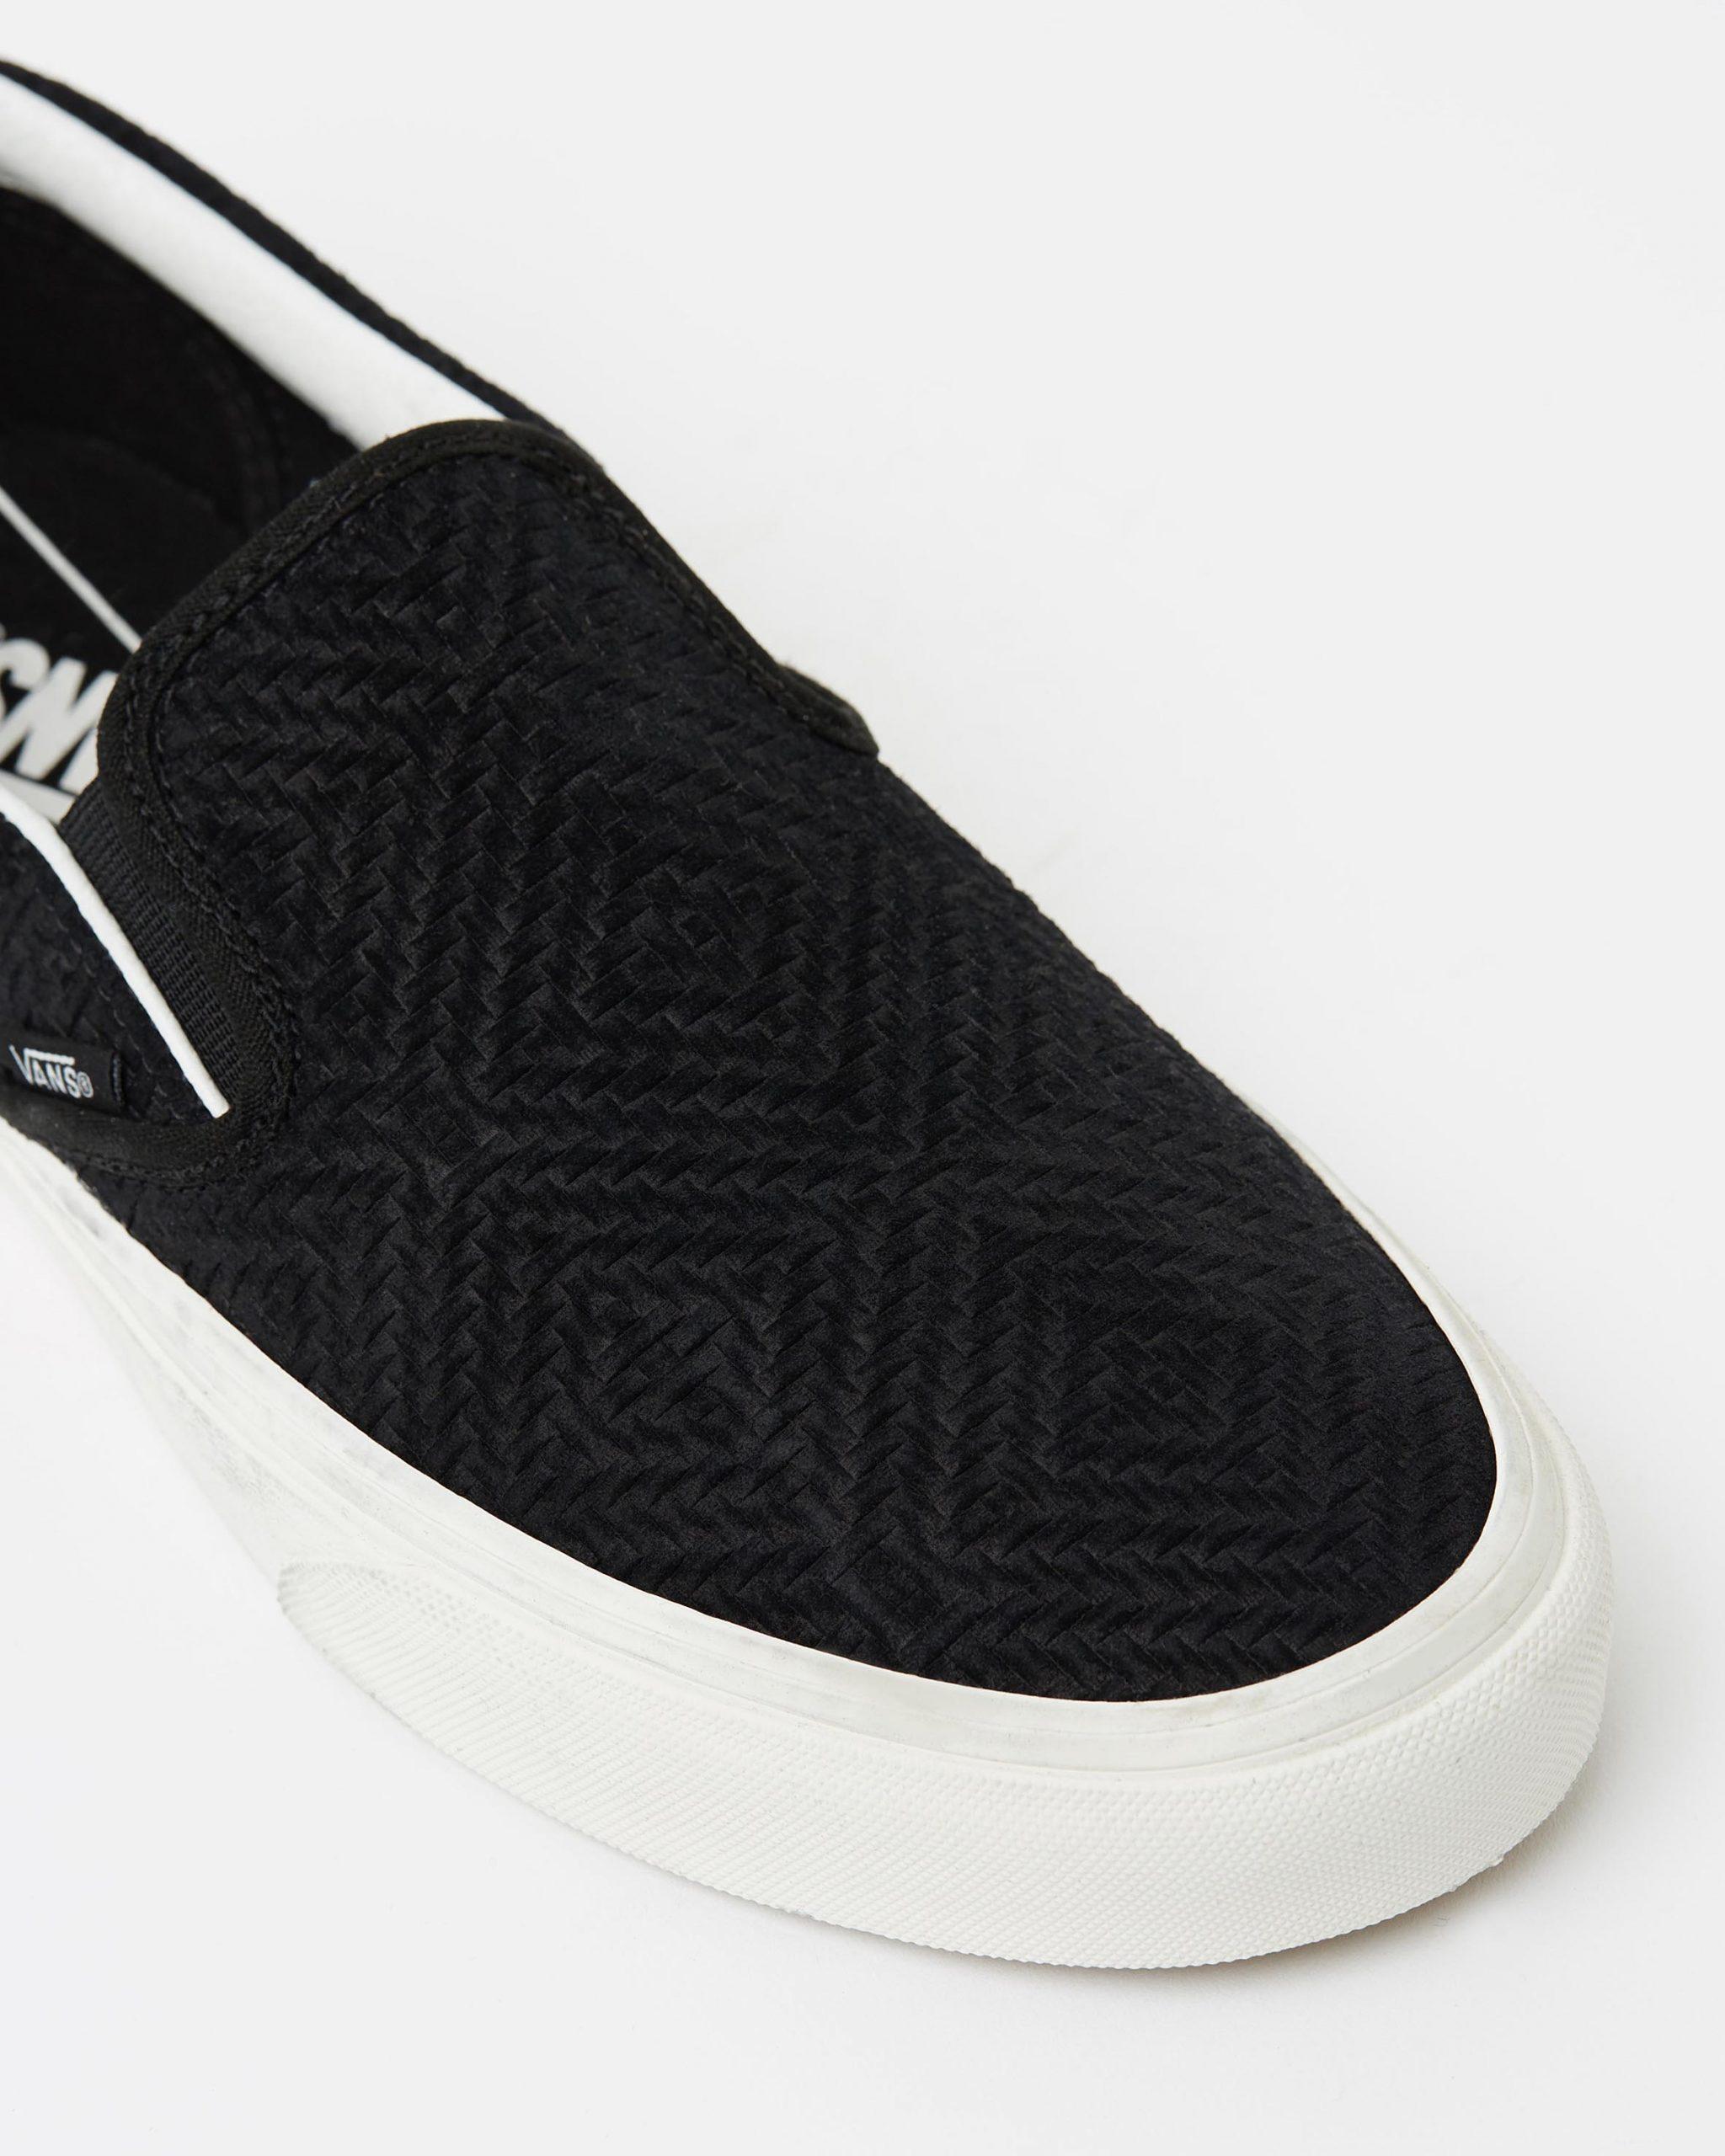 Vans Womens Classic Slip-On Black Suede